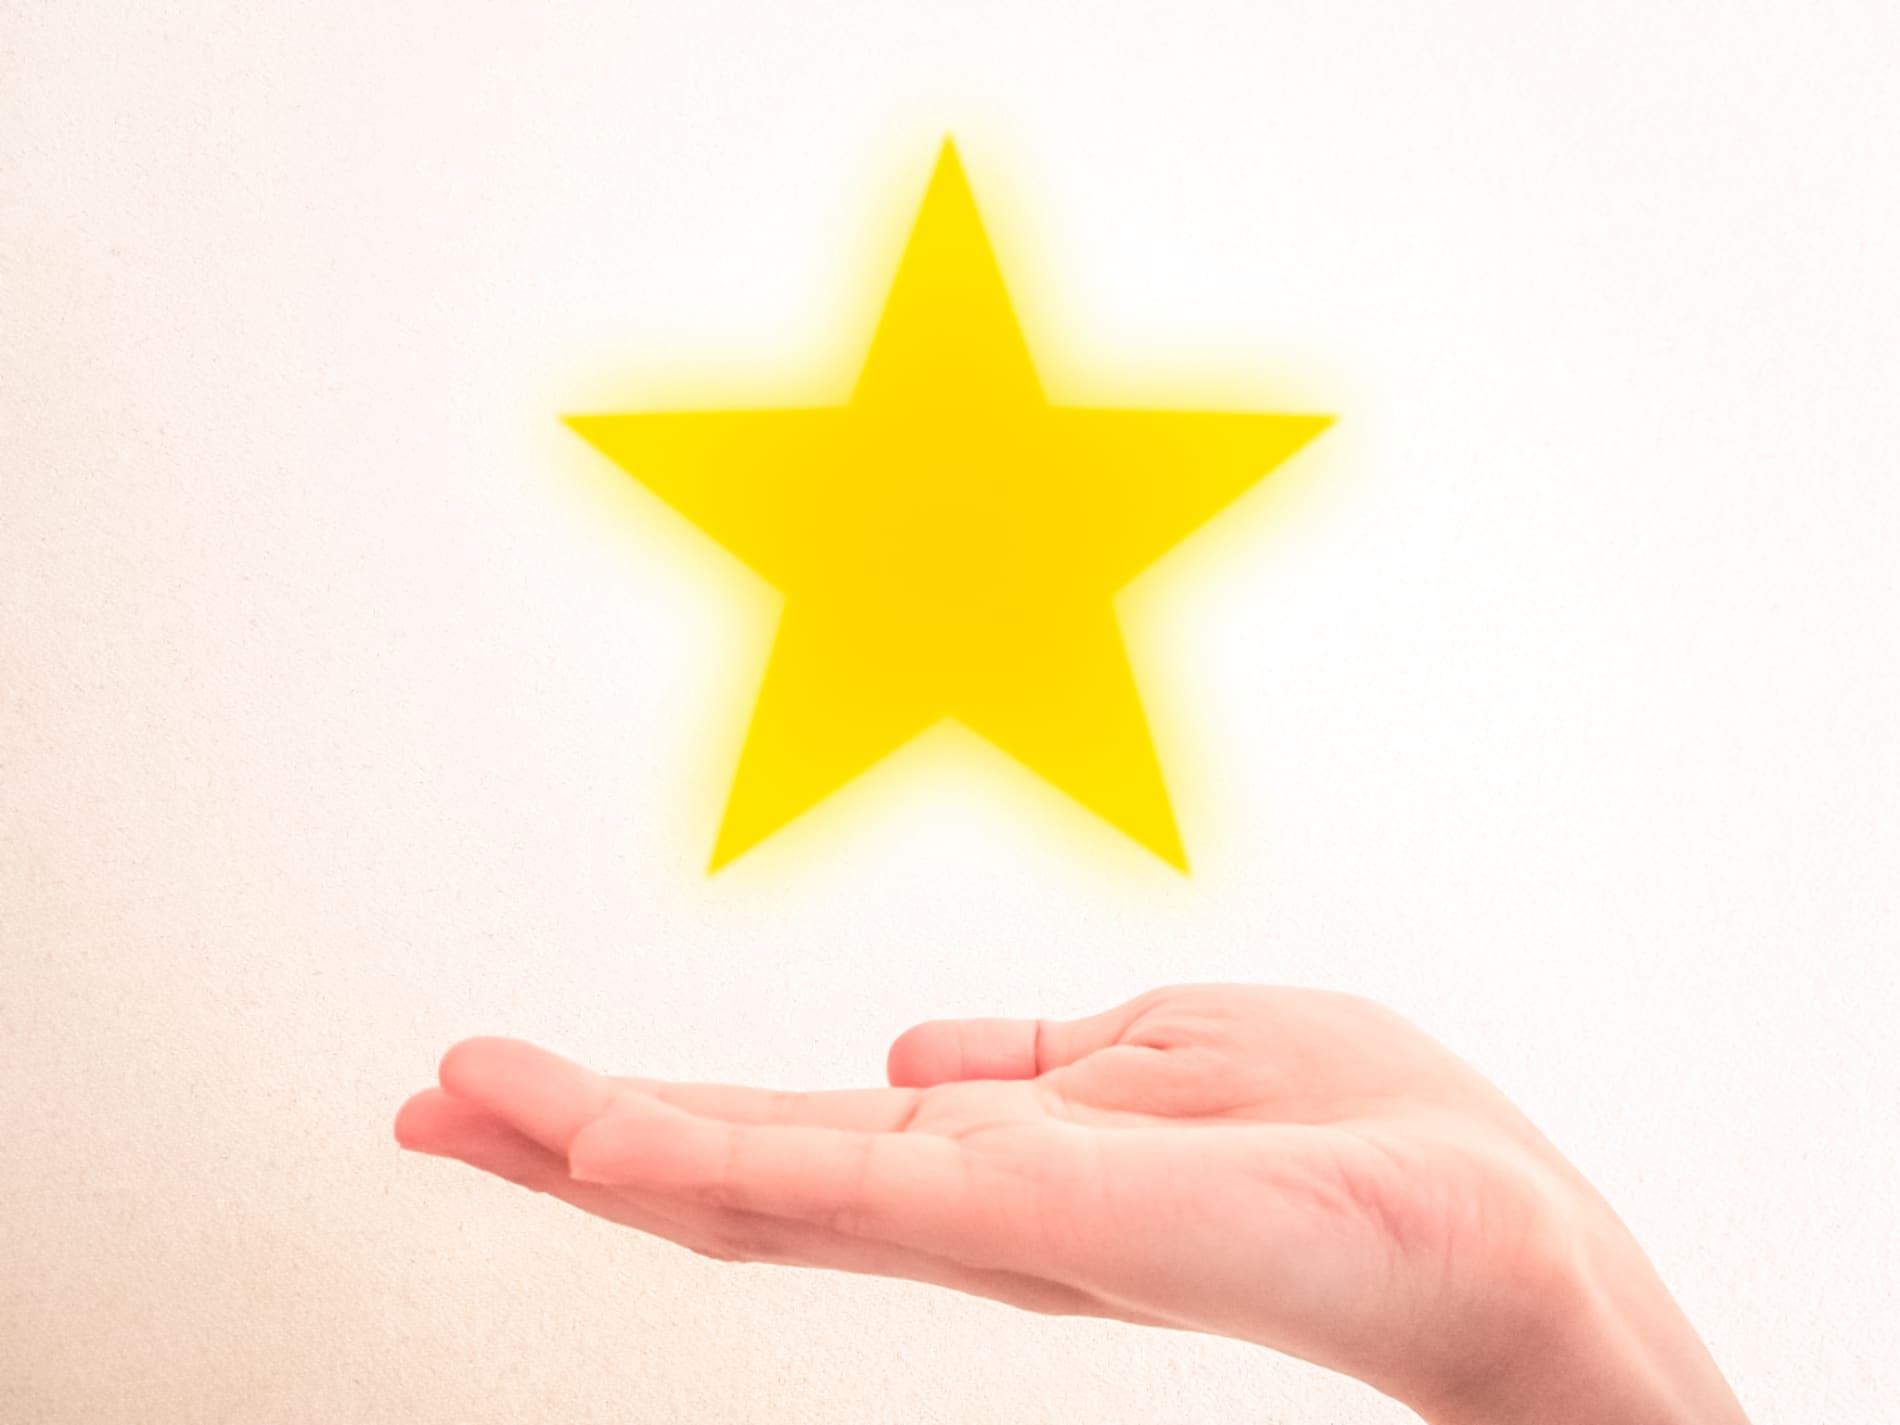 手の上の星